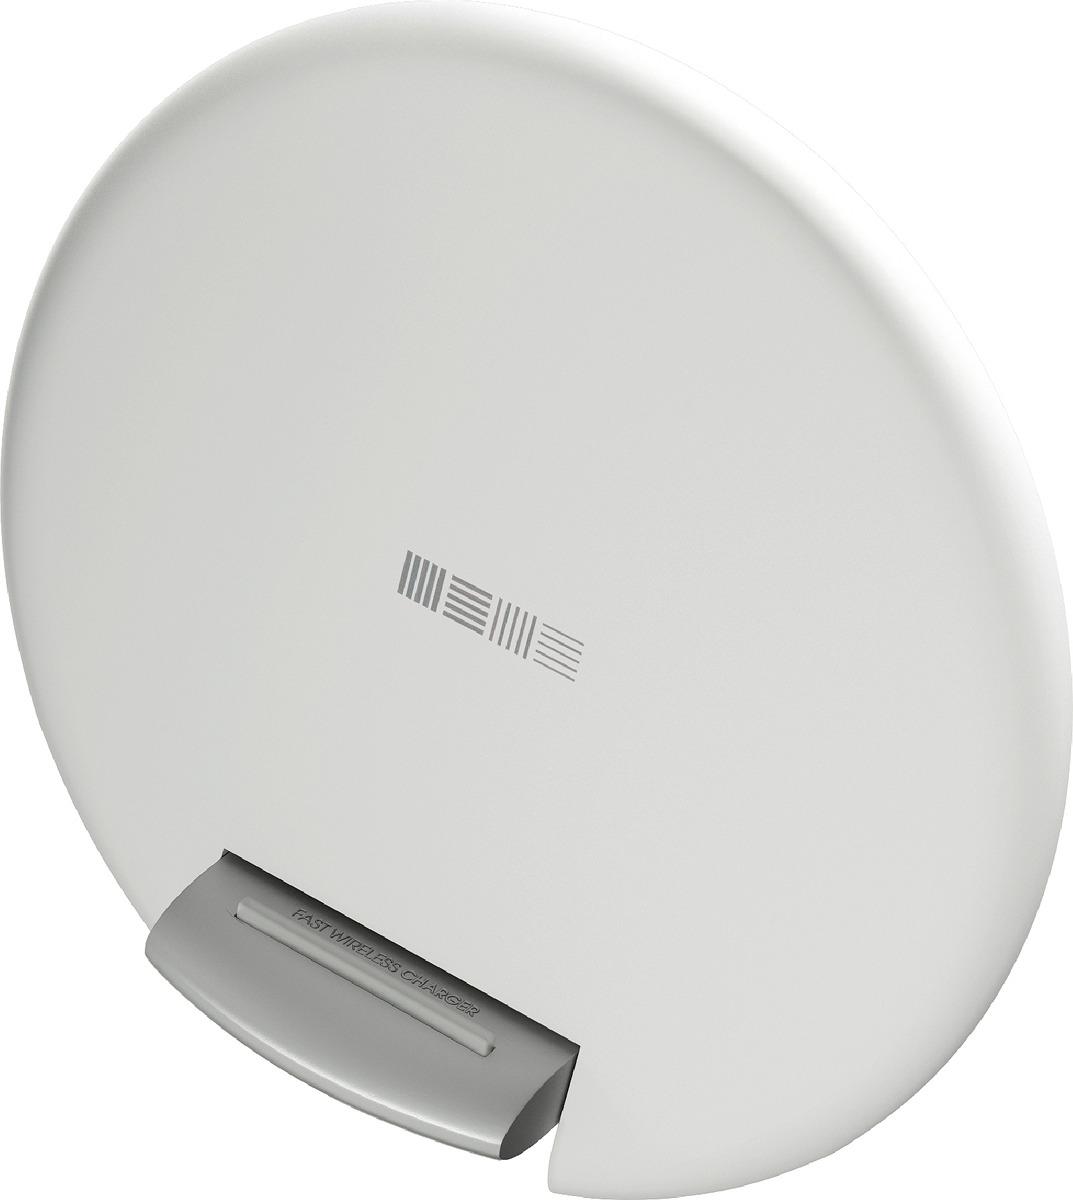 Беспроводное зарядное устройство Interstep QI 10W IS-TC-QISETW10W-000B201, белый сетевое зарядное устройство bb type c 2а 1 2м черн bb tc 20 14